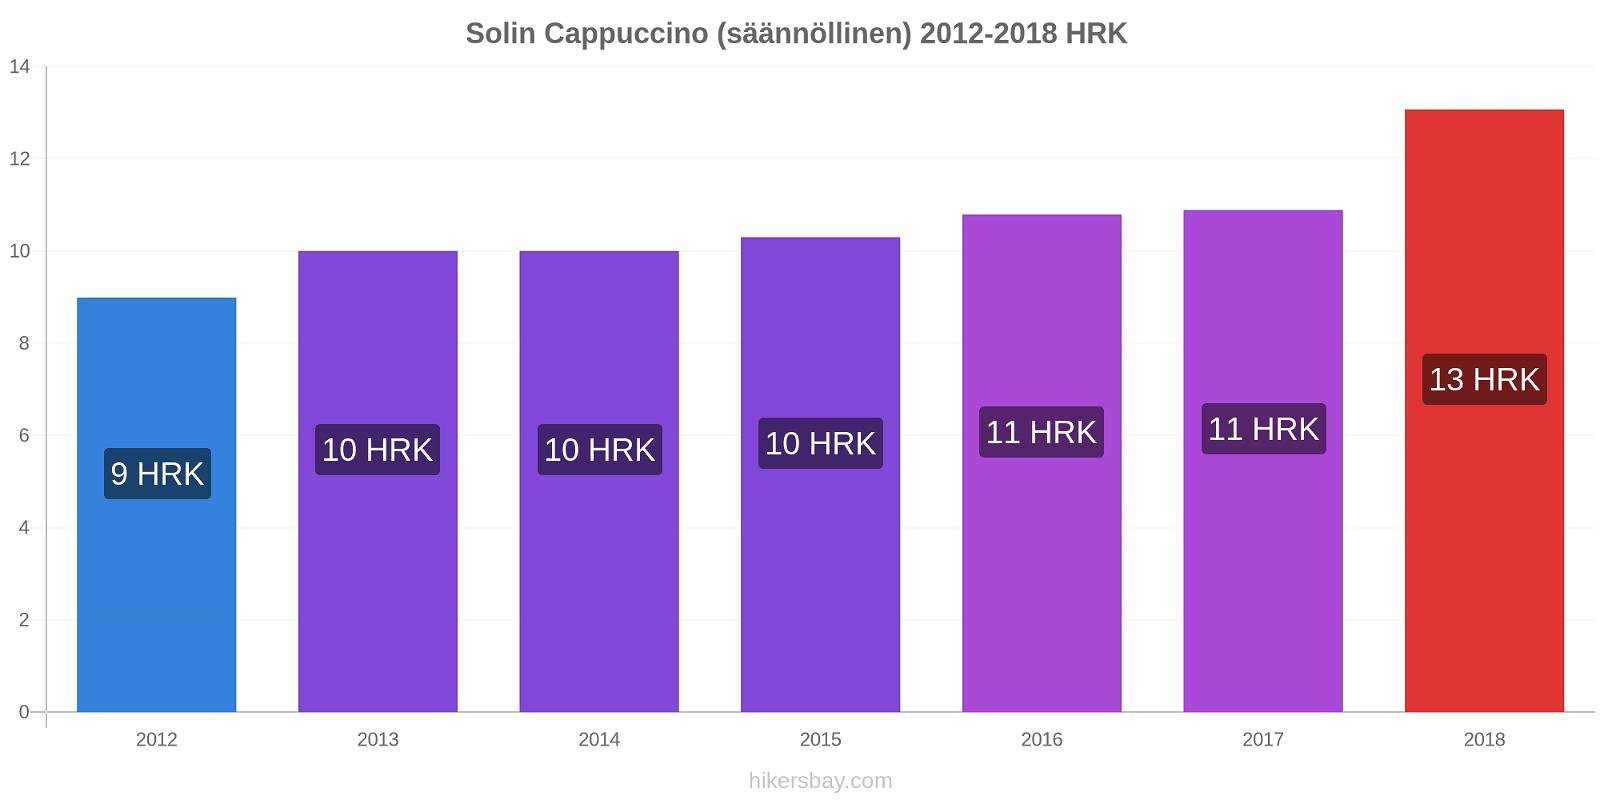 Solin hintojen muutokset Cappuccino (säännöllinen) hikersbay.com